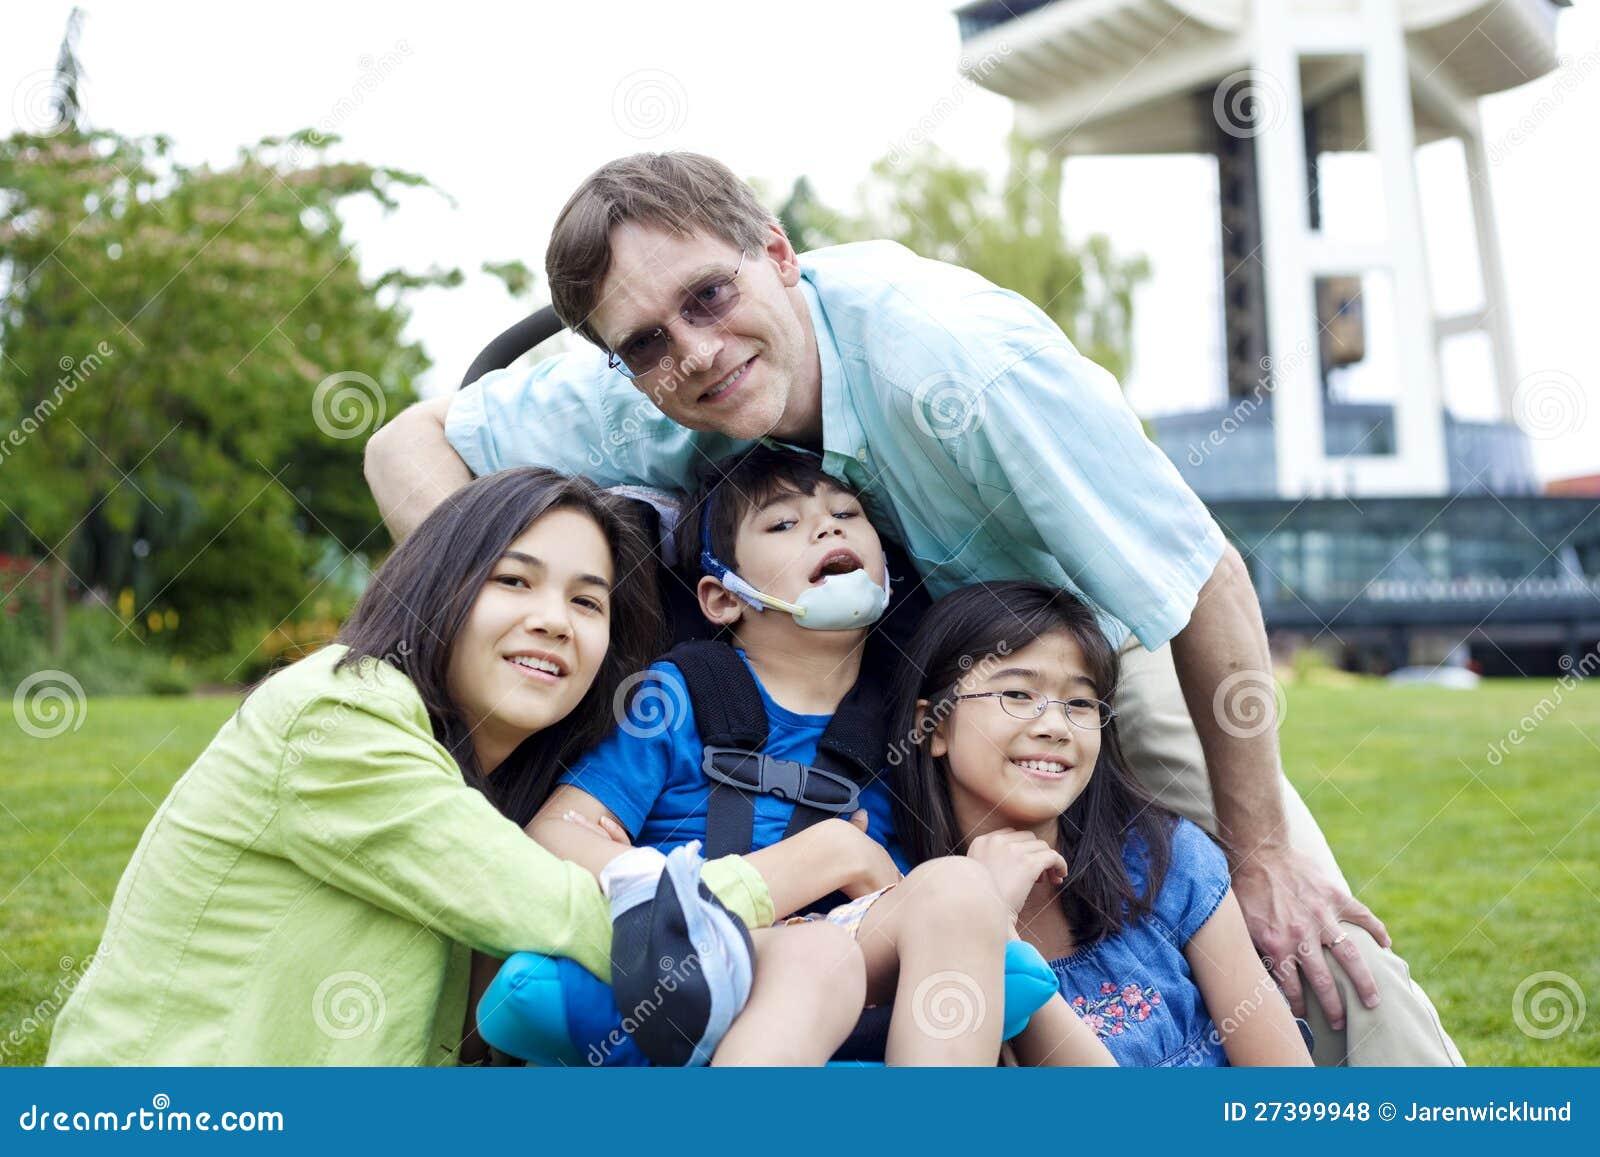 Muchacho lisiado en el sillón de ruedas rodeado por la familia